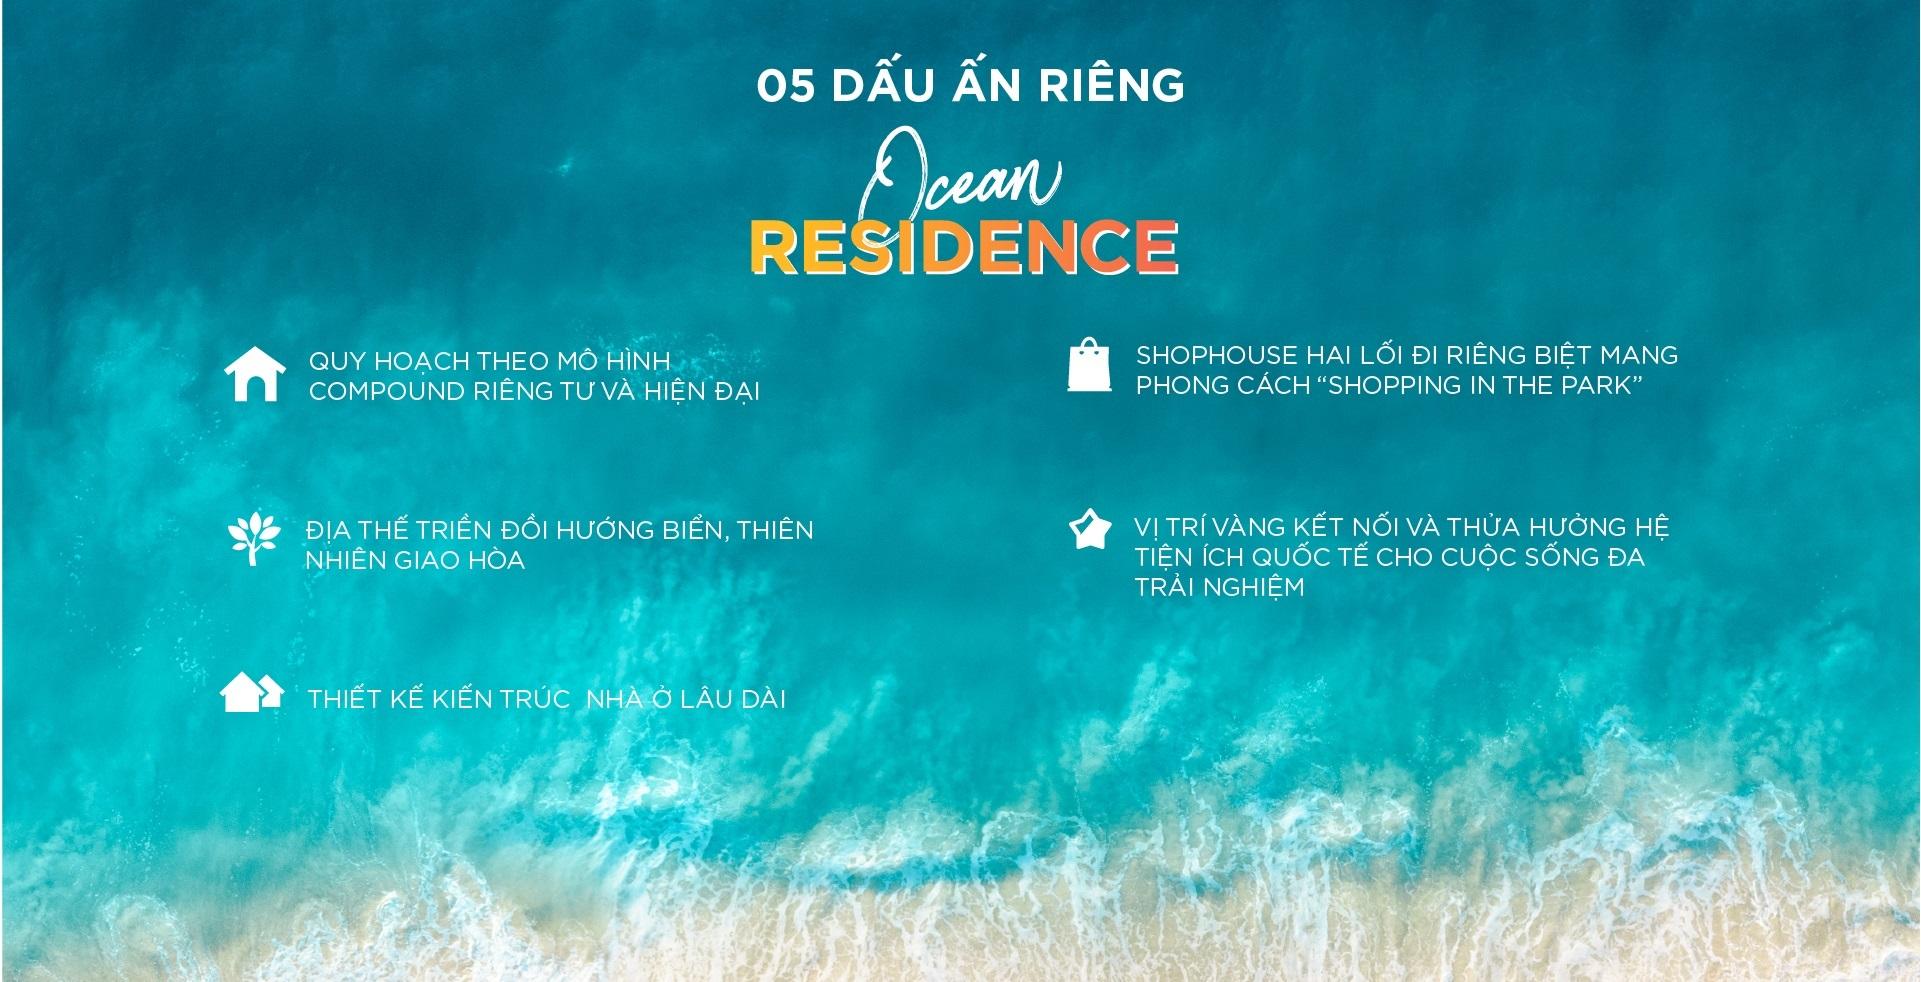 lợi thế dự án ocean residence novaworld phan thiết